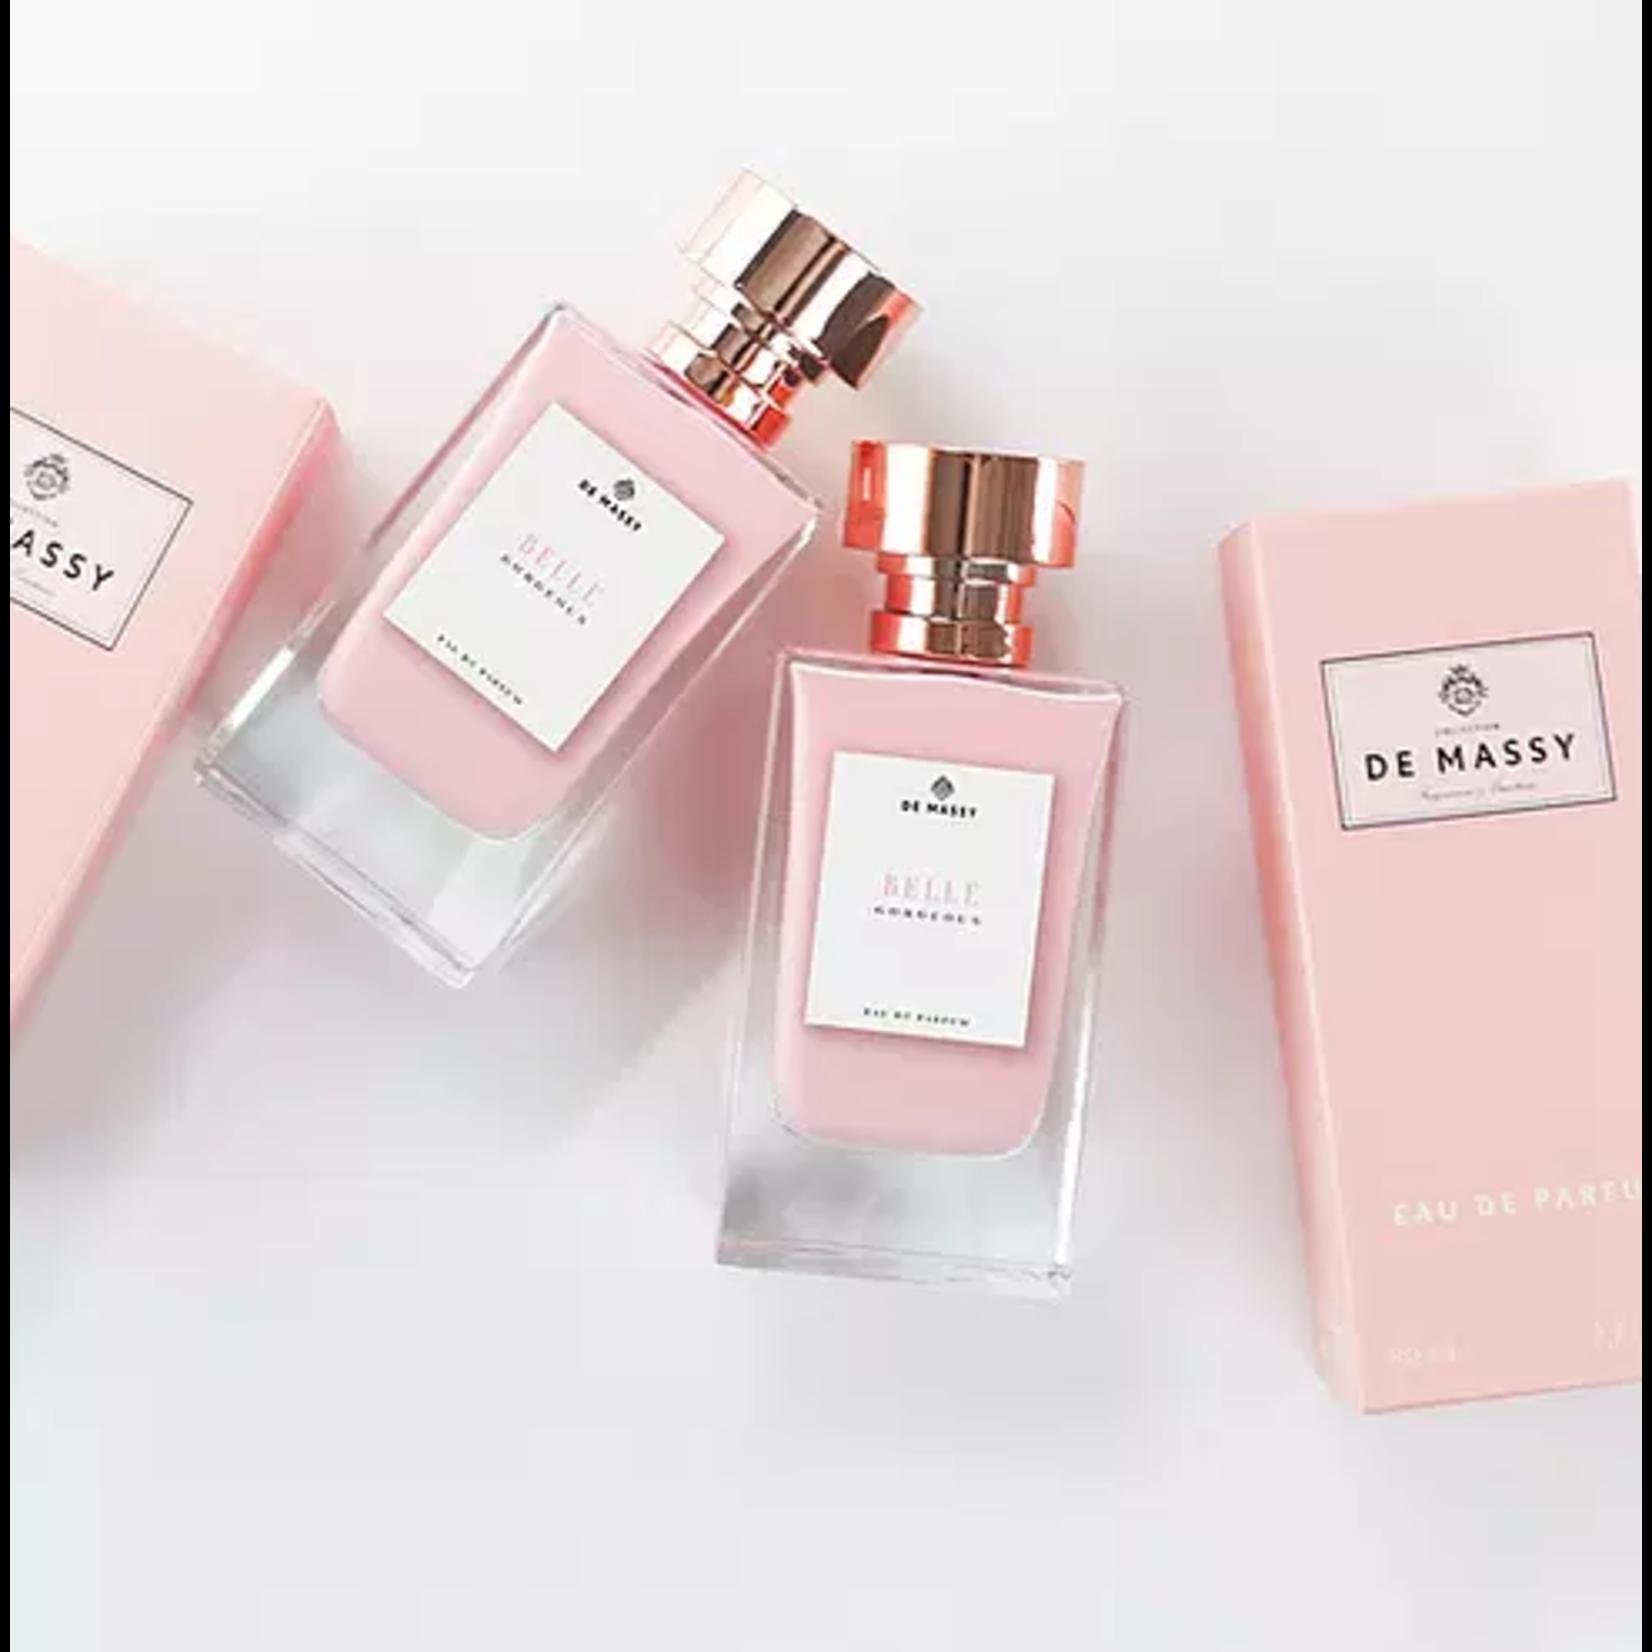 Collection de Massy Collection De Massy - Belle